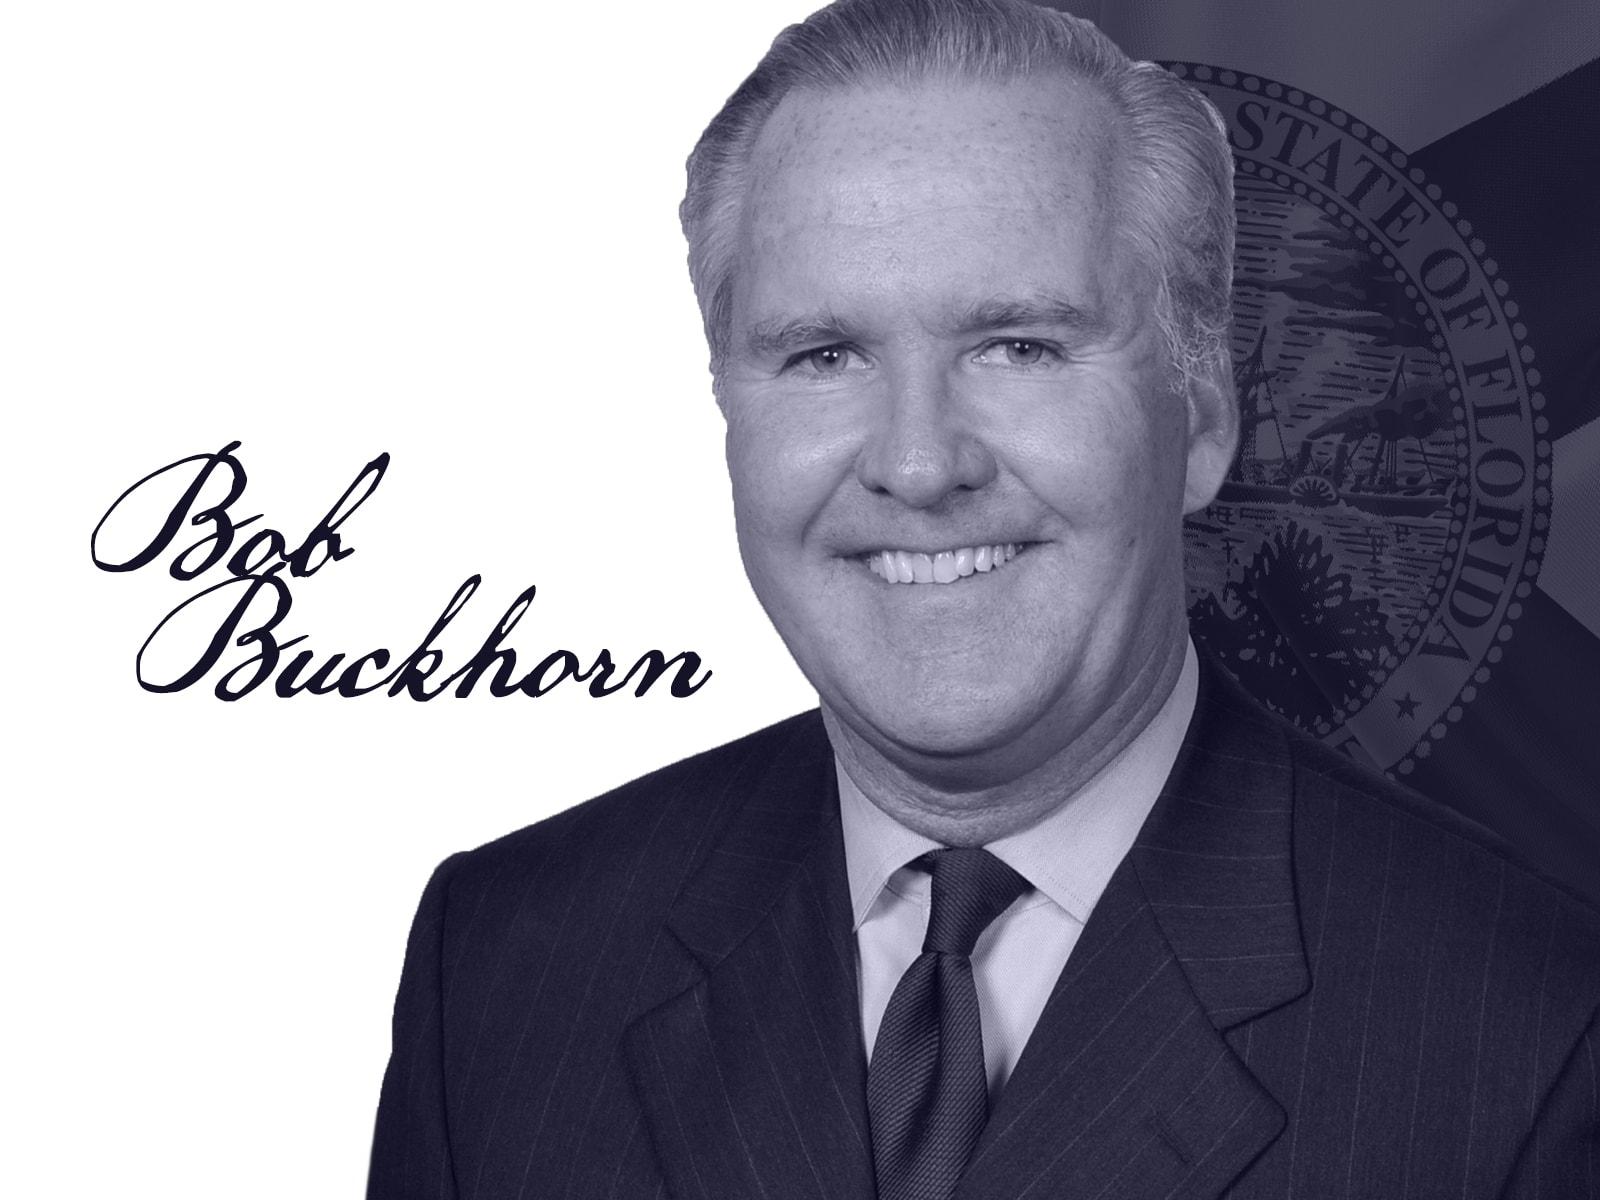 POTD_Bob-Buckhorn.jpg